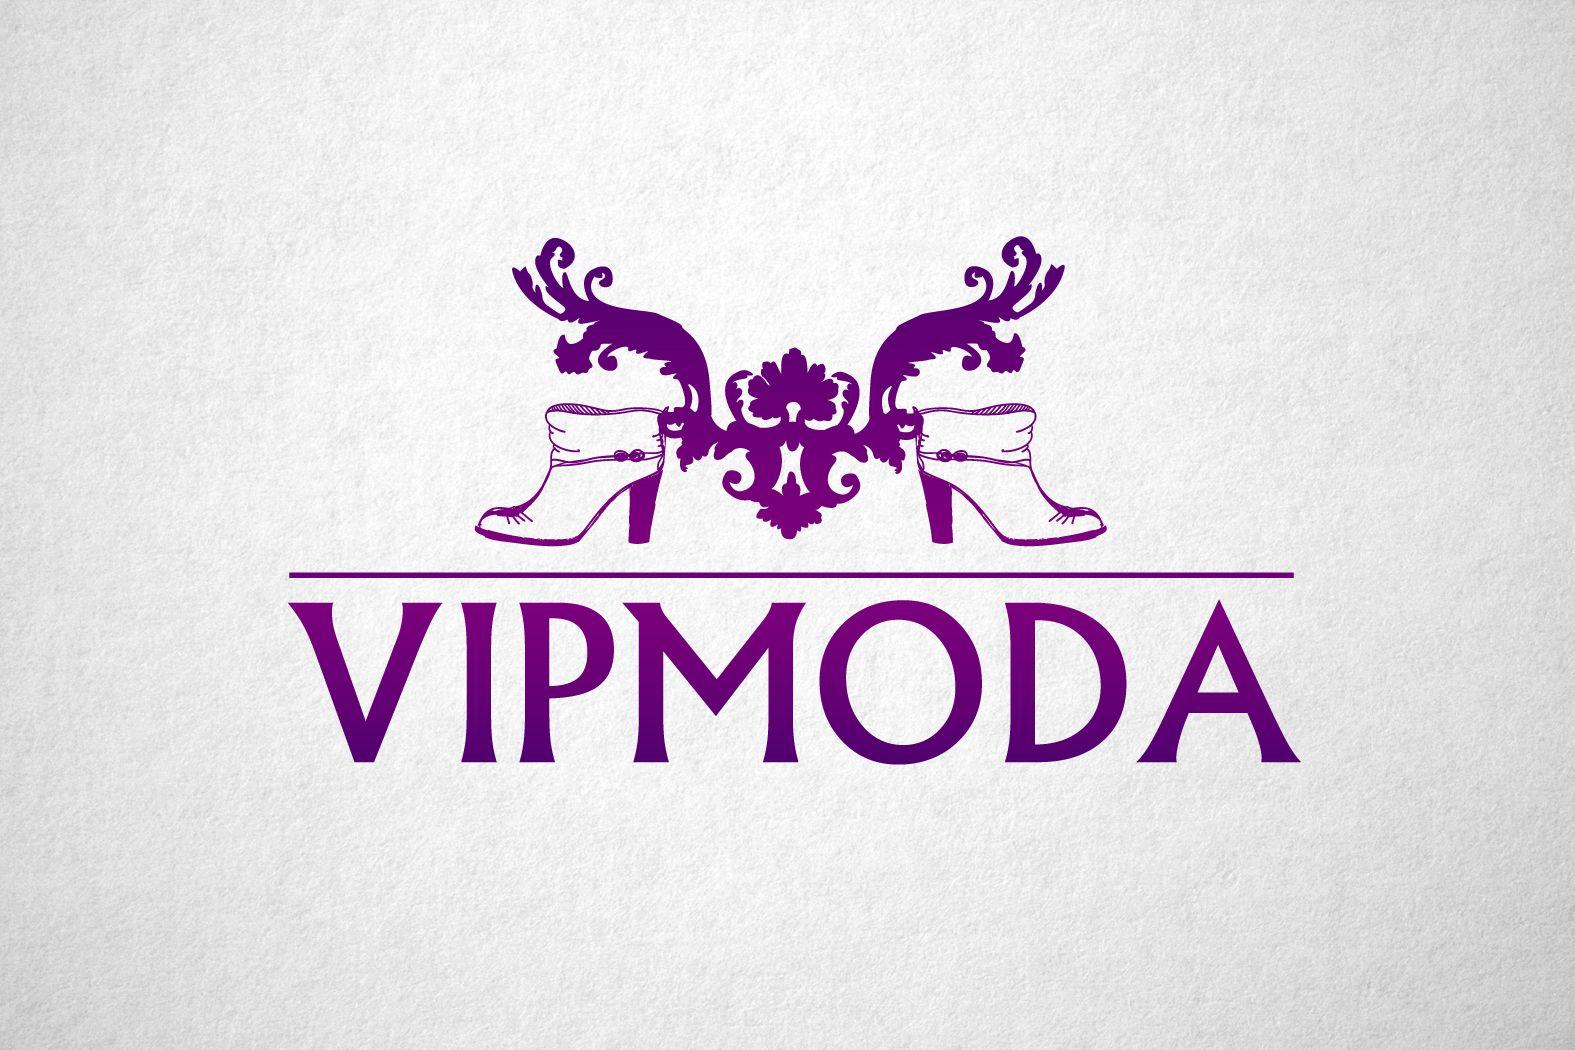 Лого и фирменный стиль компании ВИПМОДА  - дизайнер funkielevis